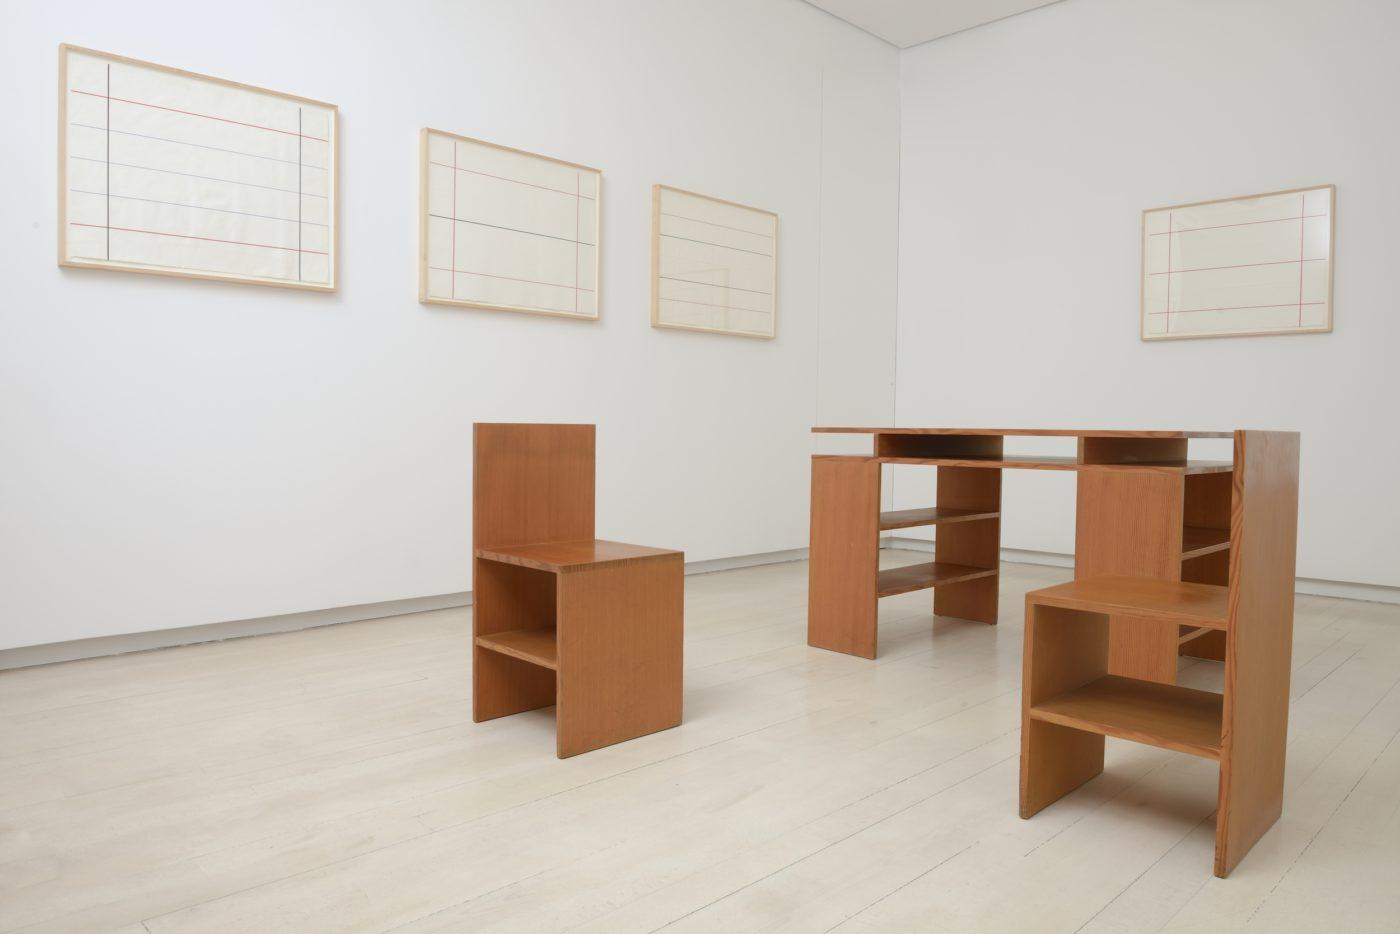 Donald Judd – Vista de la exposición, 2016 © Galería Elvira González.